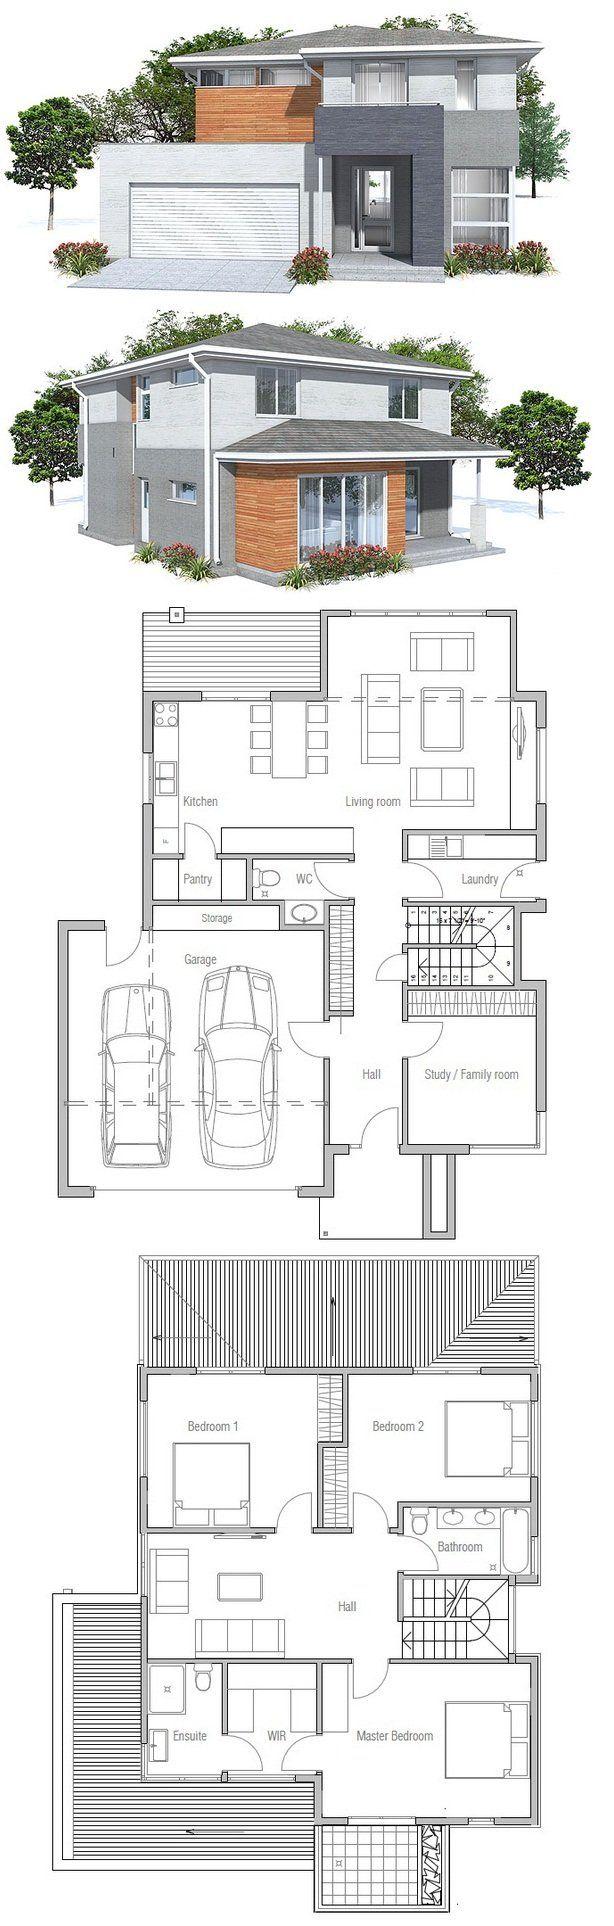 Kche Esszimmer Wohnzimmer Aufteilung Hnliche Tolle Projekte Und Ideen Wie Im Bild Vorgestellt Findest